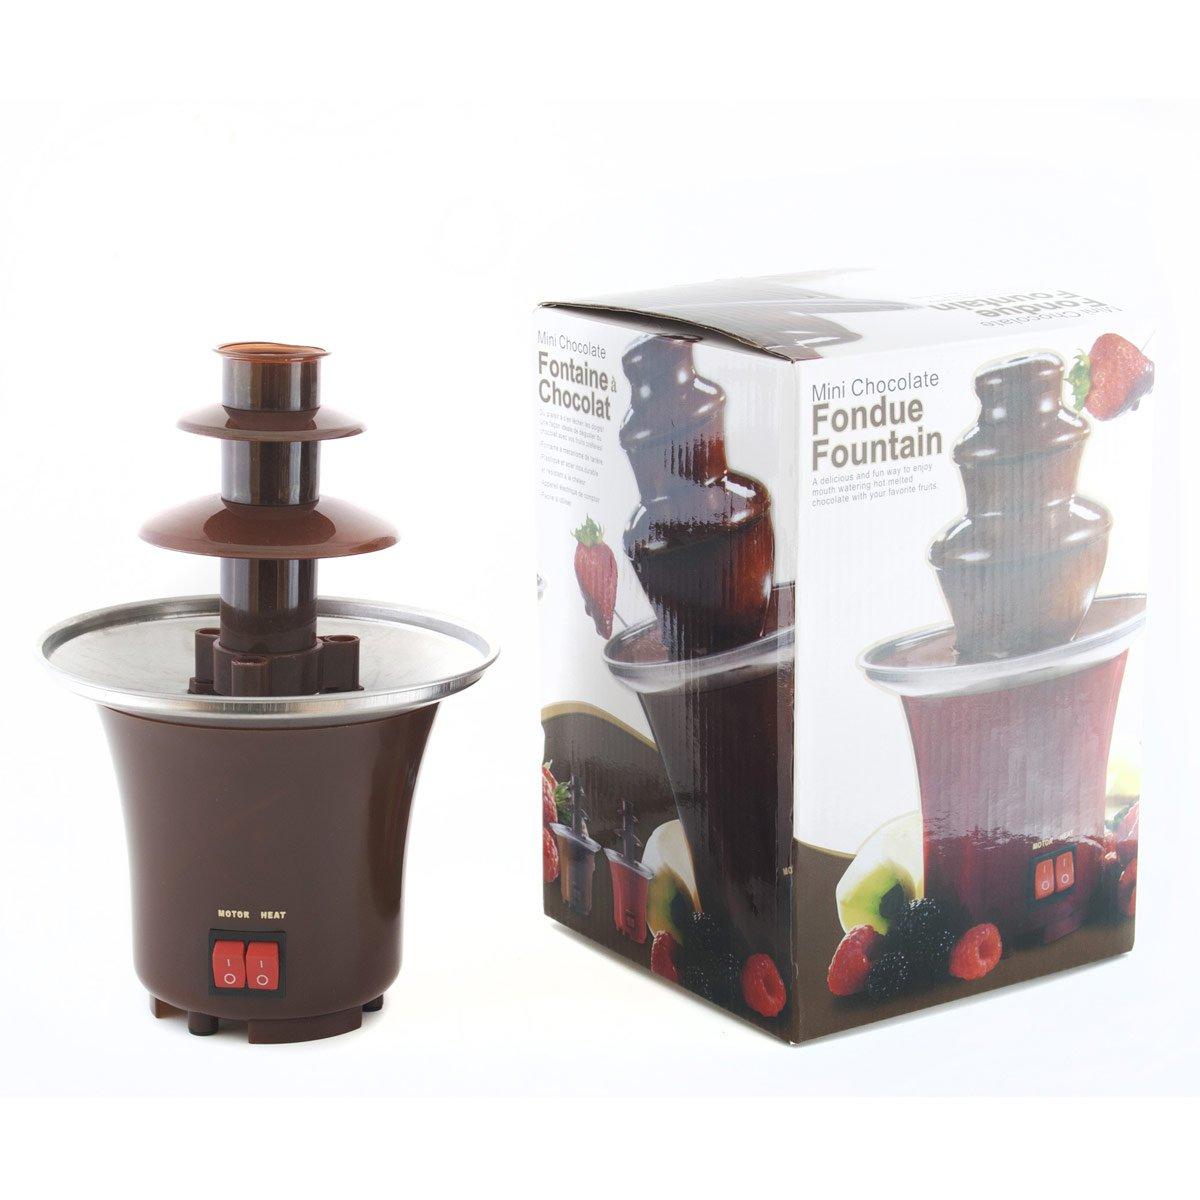 Set per fonduta al cioccolato Goods & Gadgets